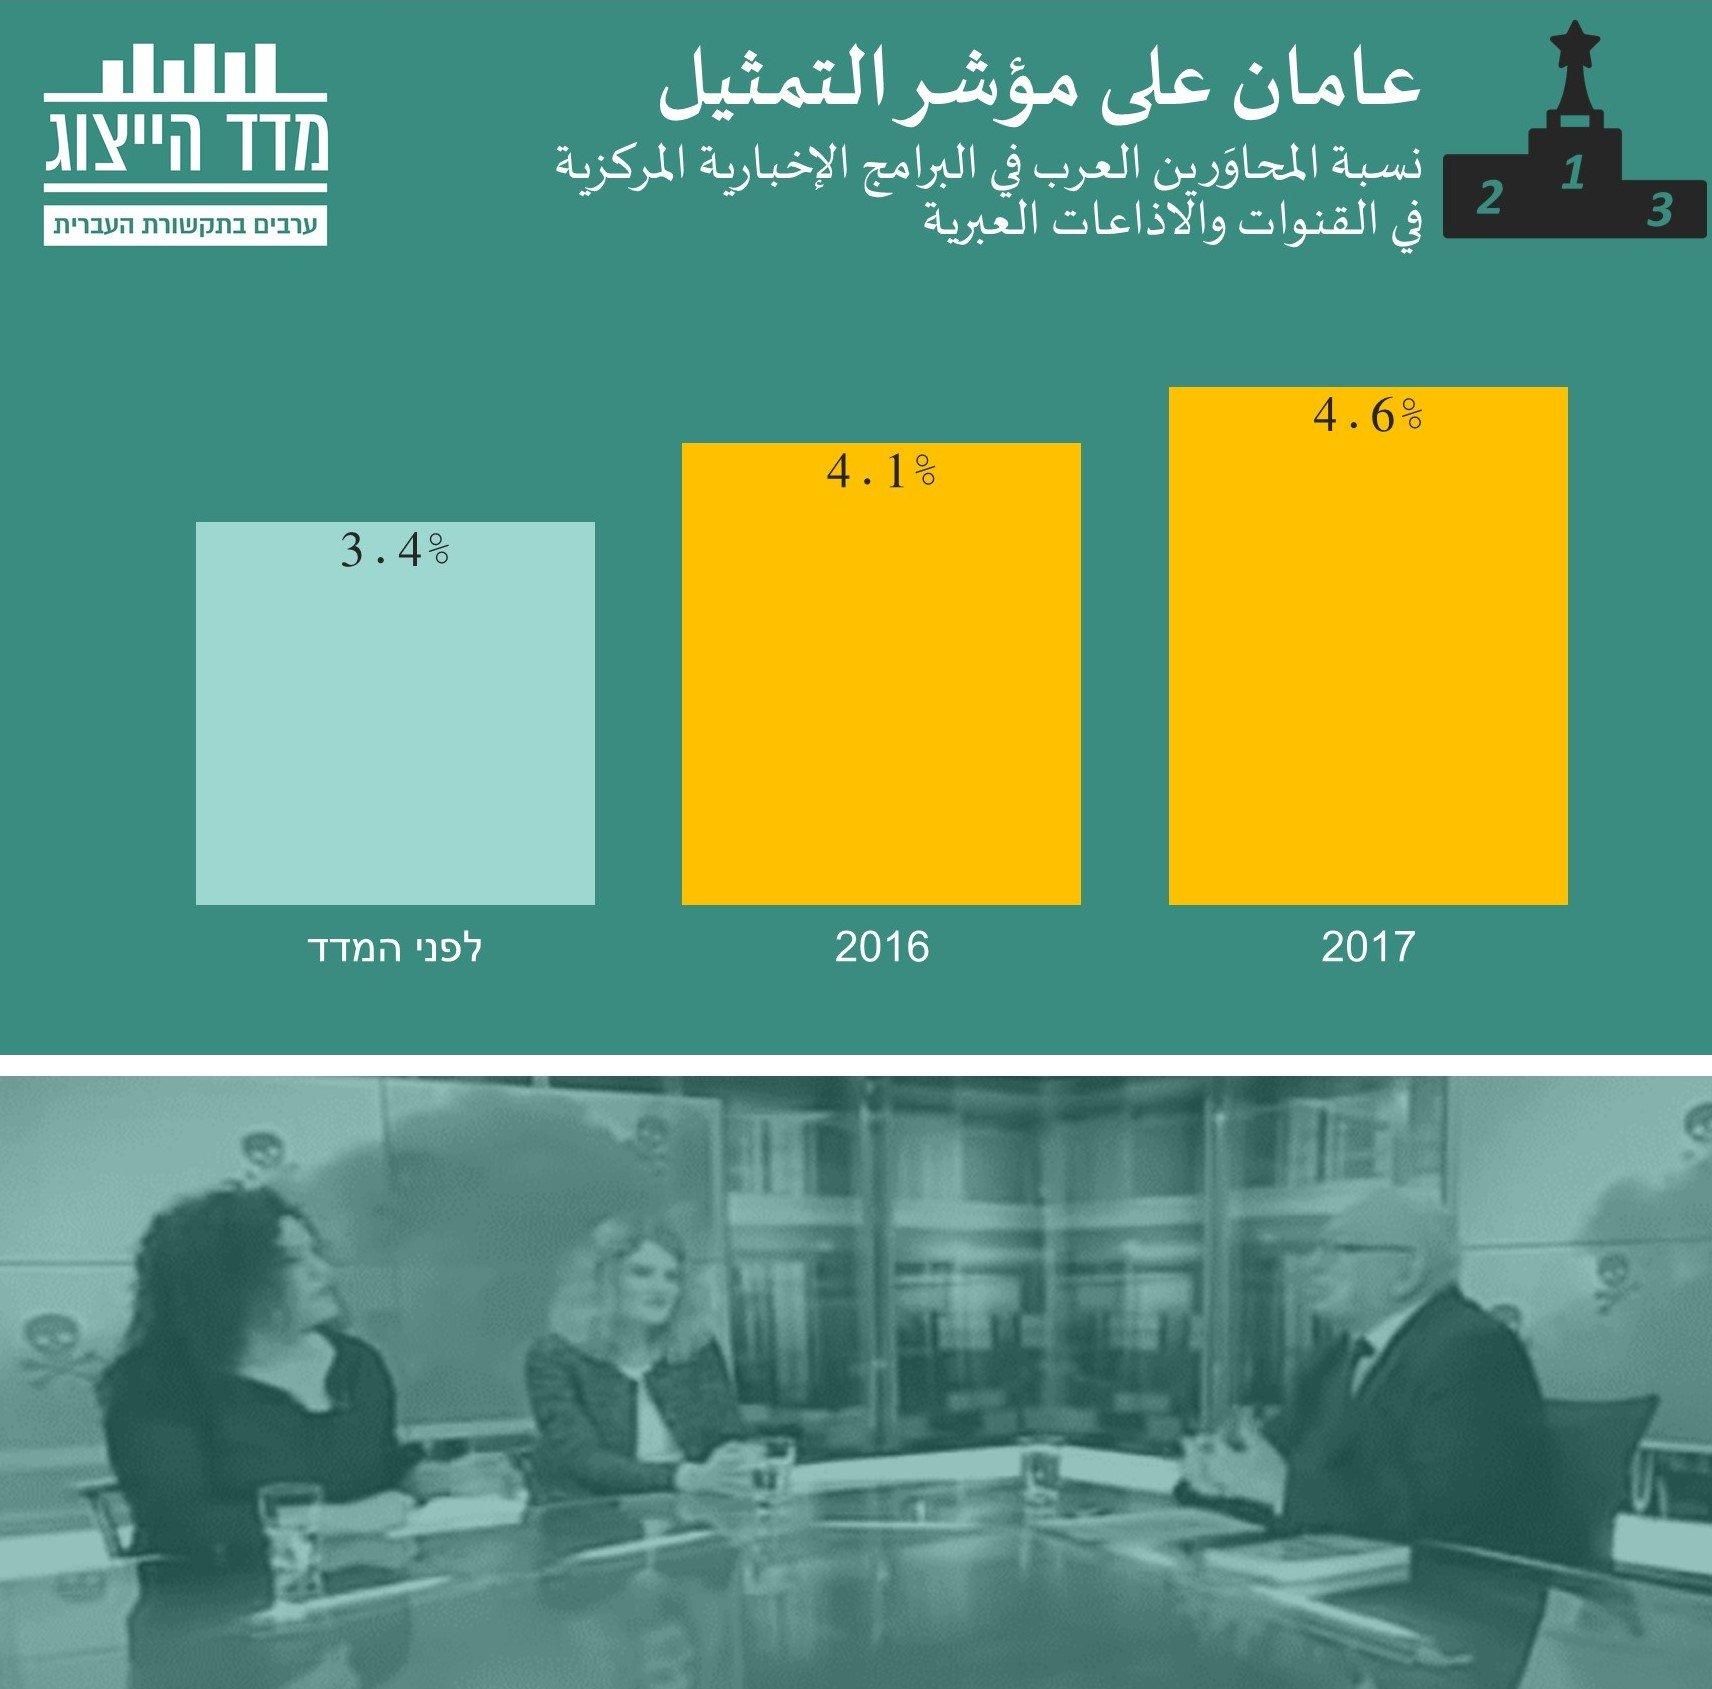 عامان على مؤشر التمثيل العربي في الاعلام العبري: ارتفاع بحضور العرب في الاعلام العبري المركزي بـ 35%!